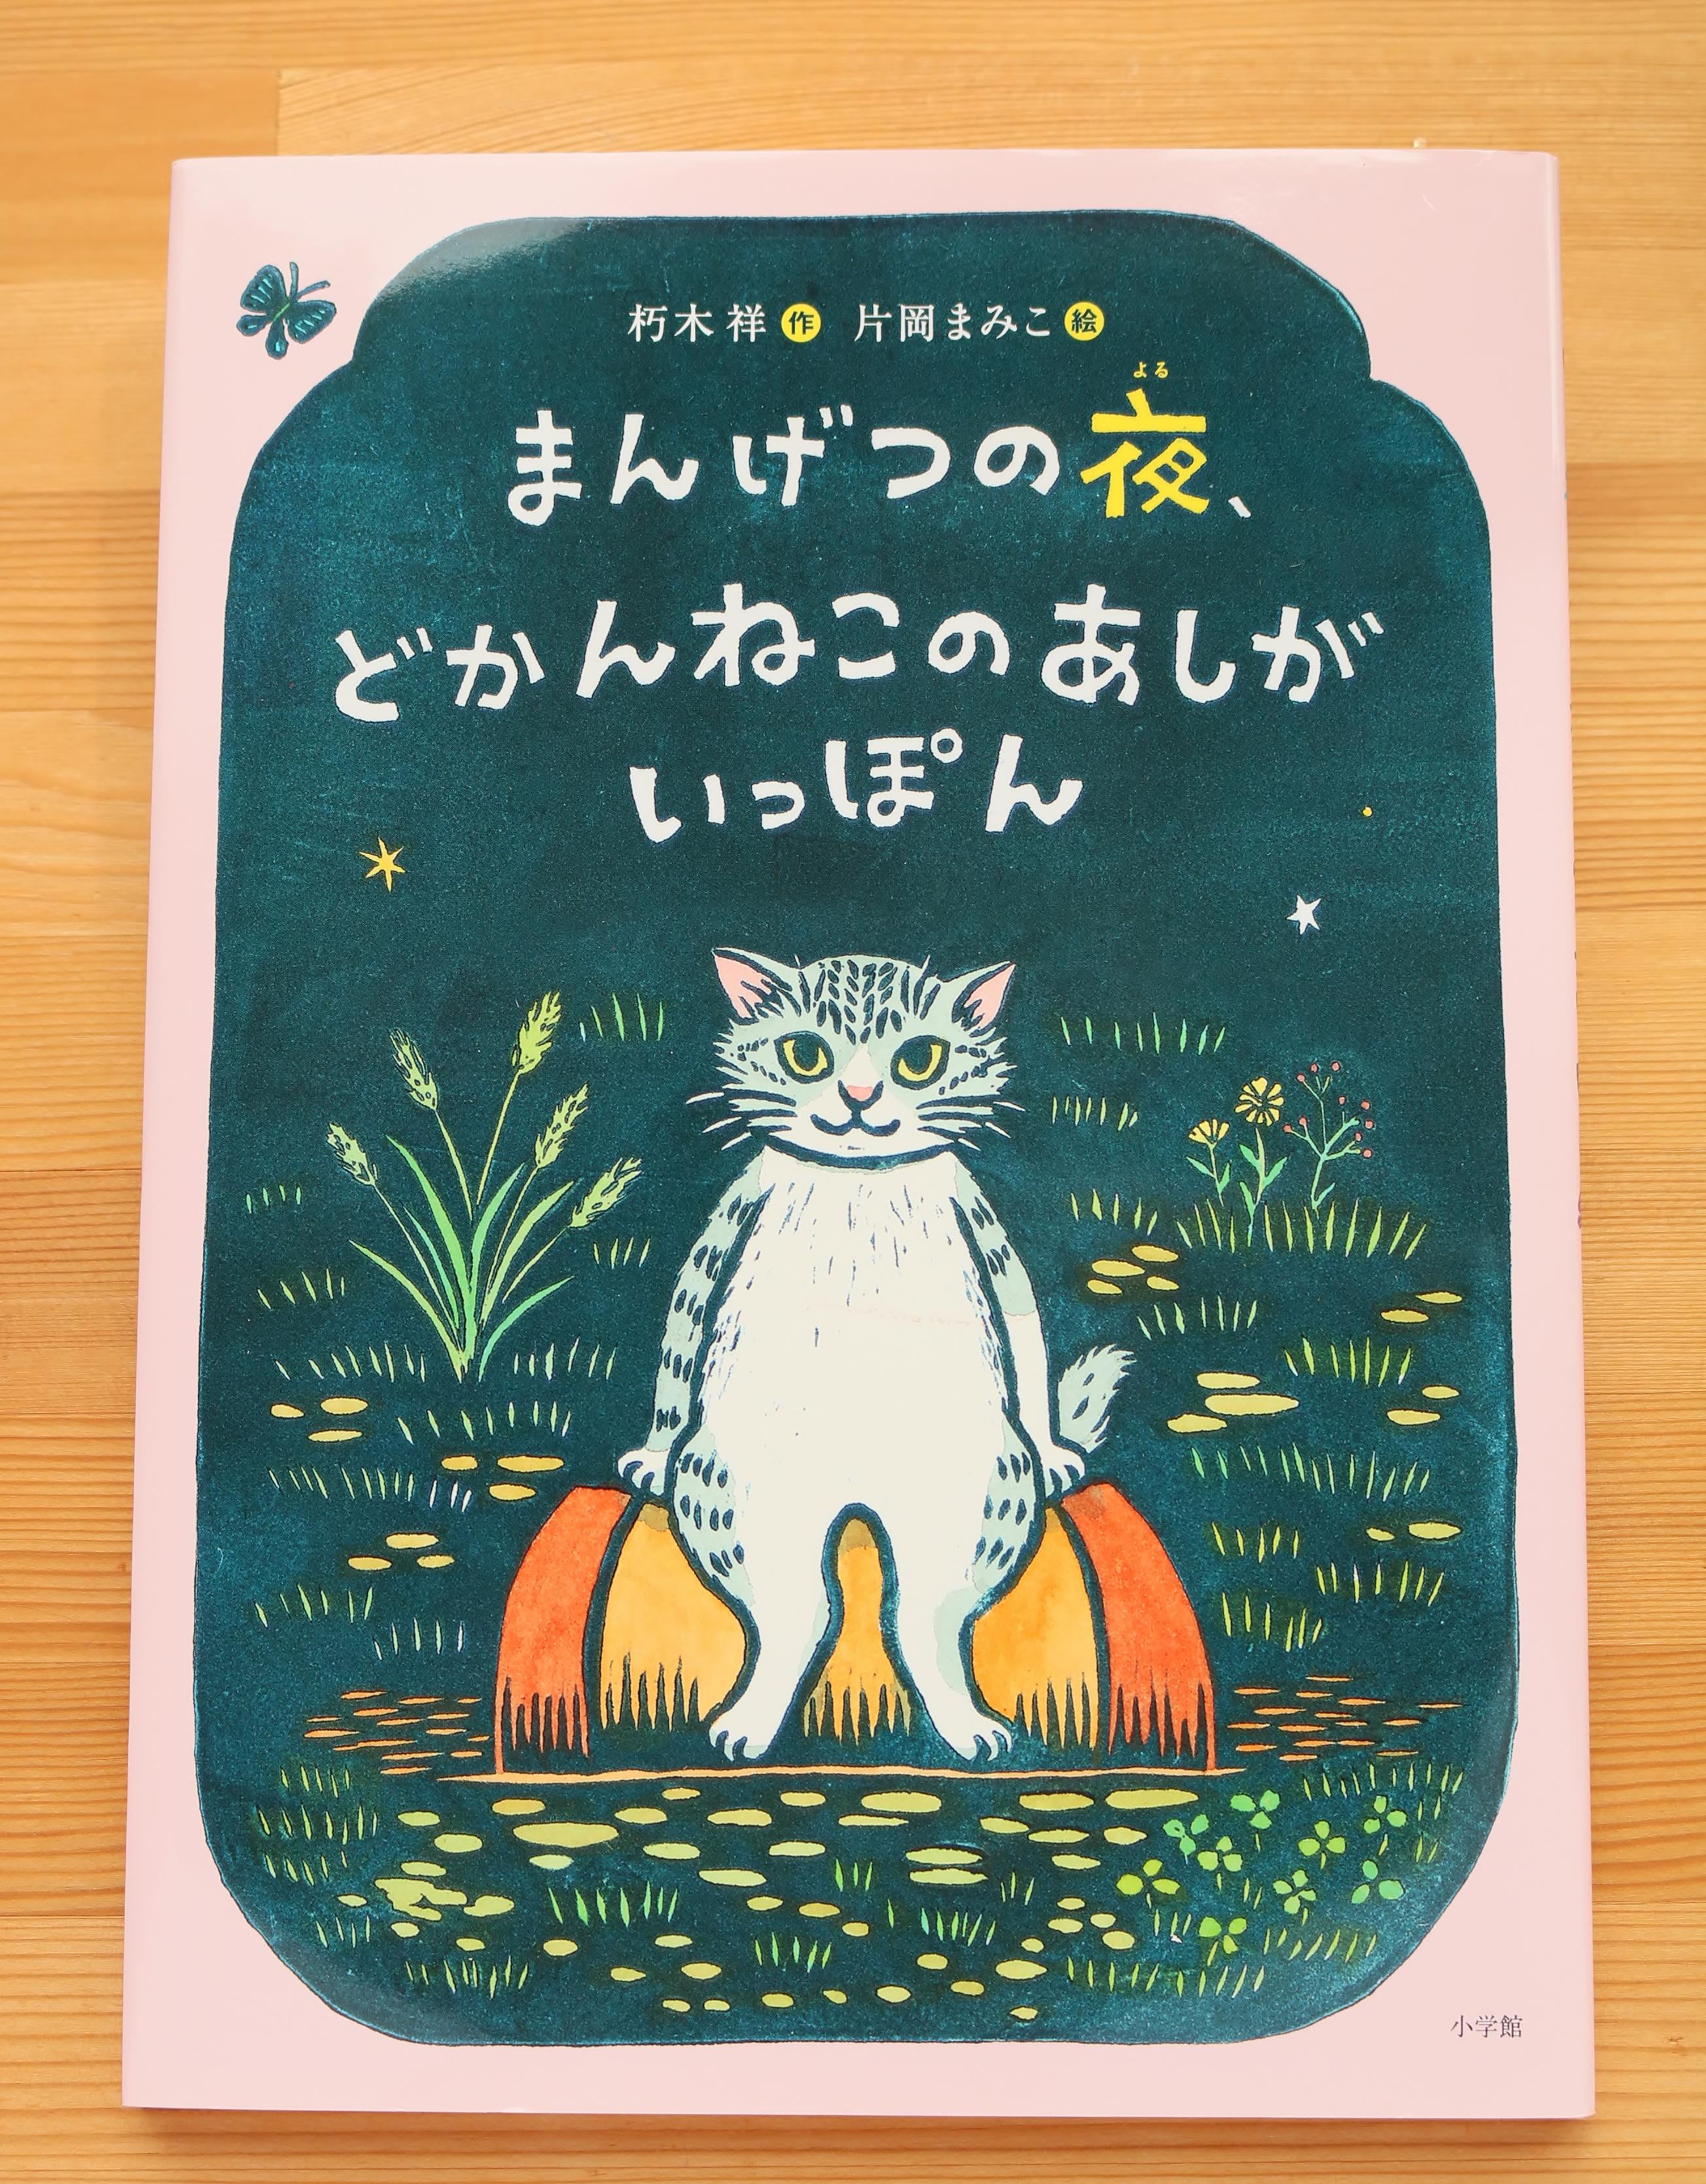 秋田 かぎしっぽ 猫絵本 絵本 猫本 まんげつの夜どかんねこのあしがいっぽん 片岡まみこ